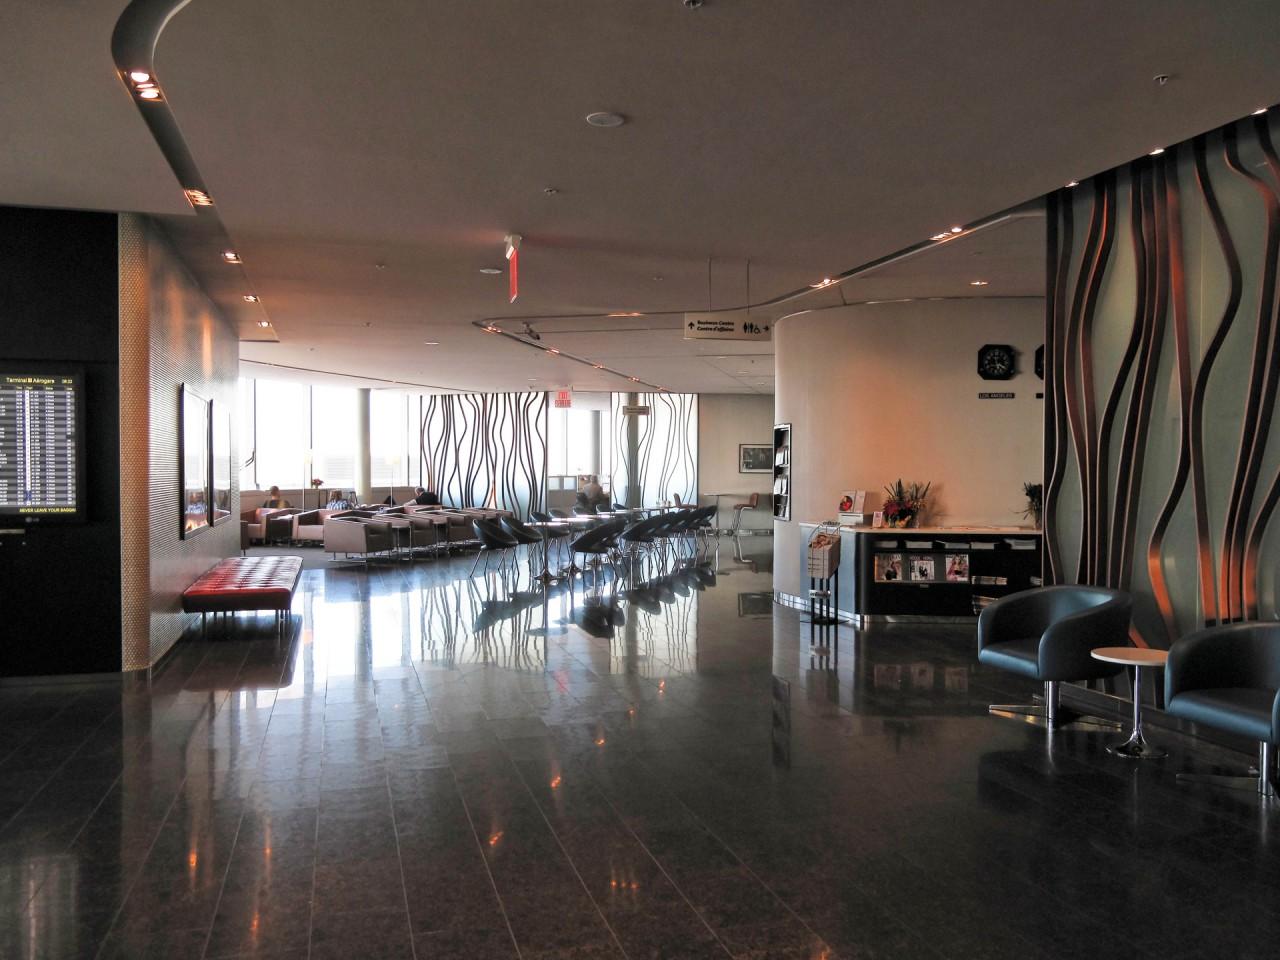 YYZ Maple Leaf lounge by s. yume